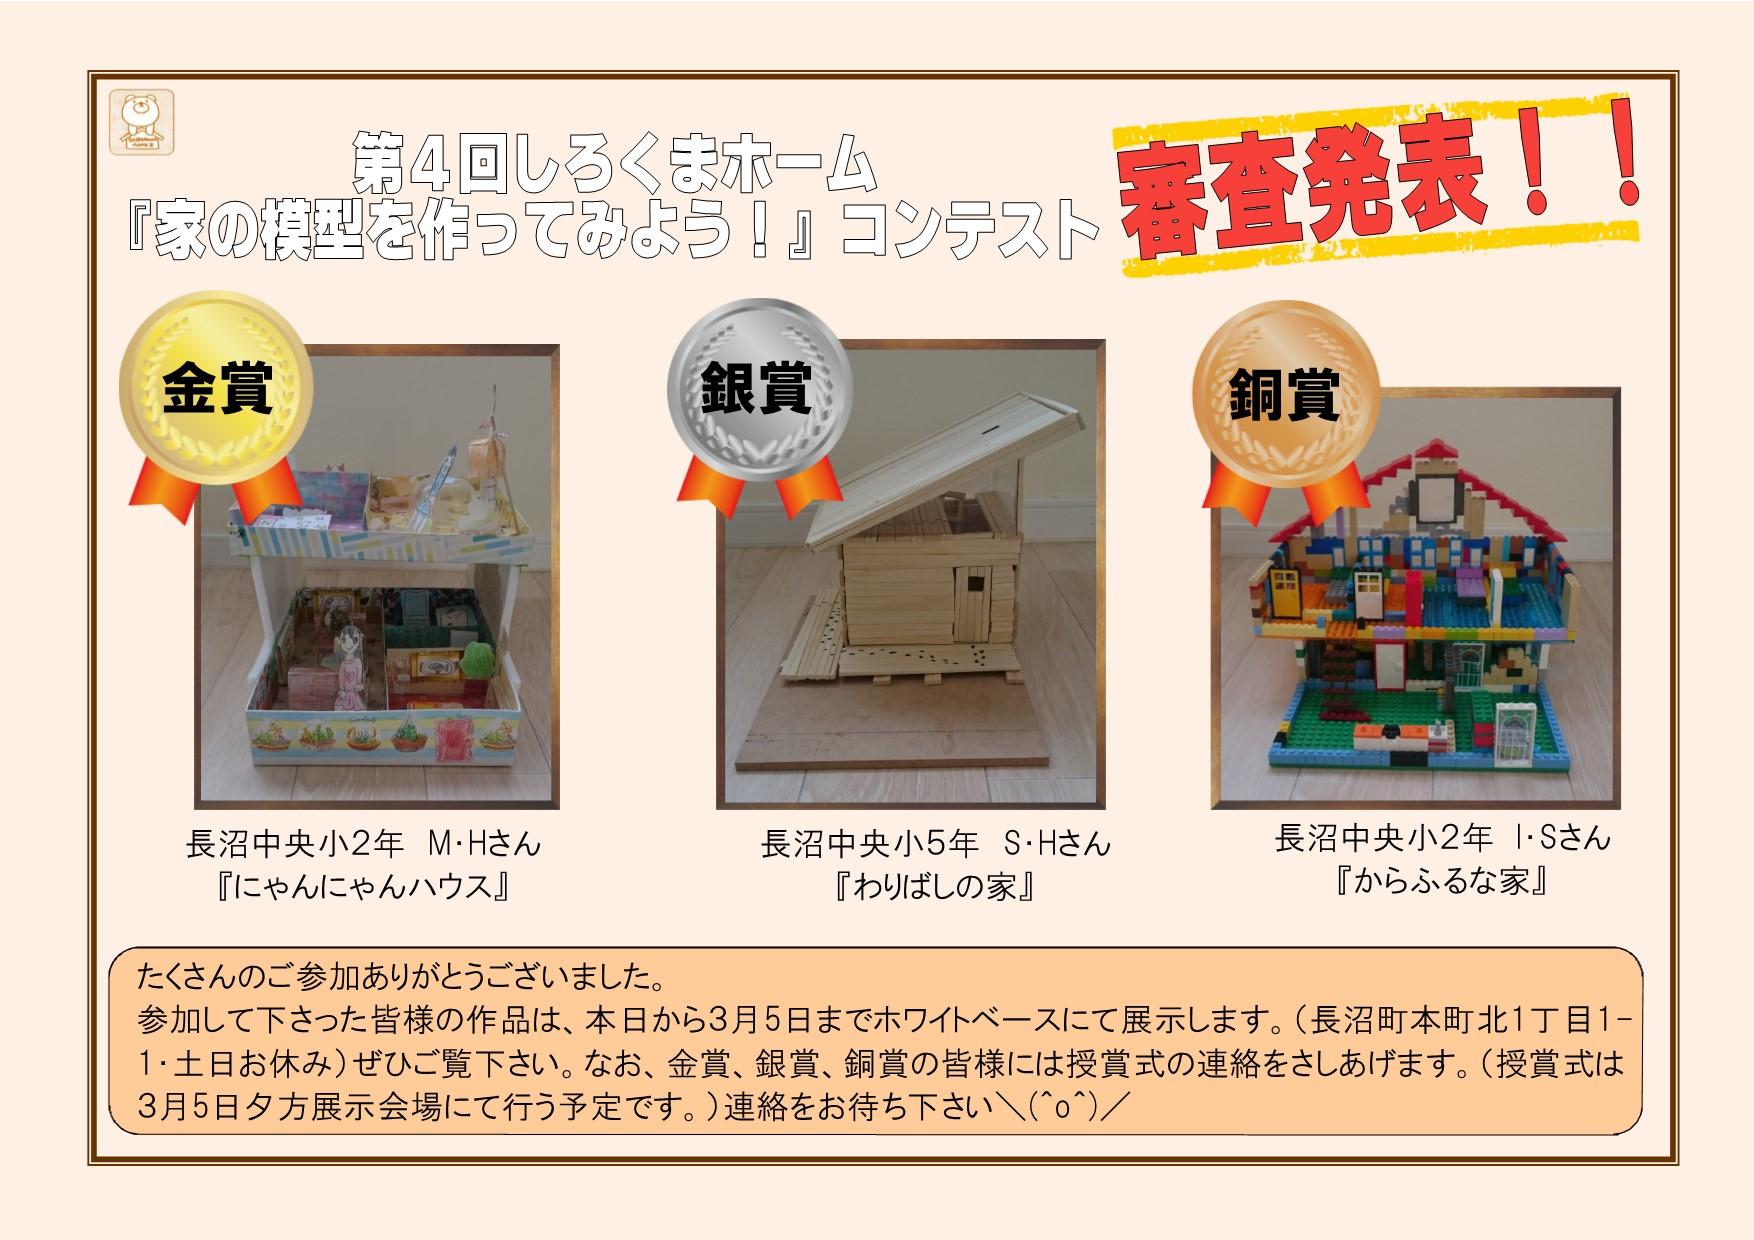 第4回しろくまホーム『家の模型を作ってみよう!』コンテスト審査発表!